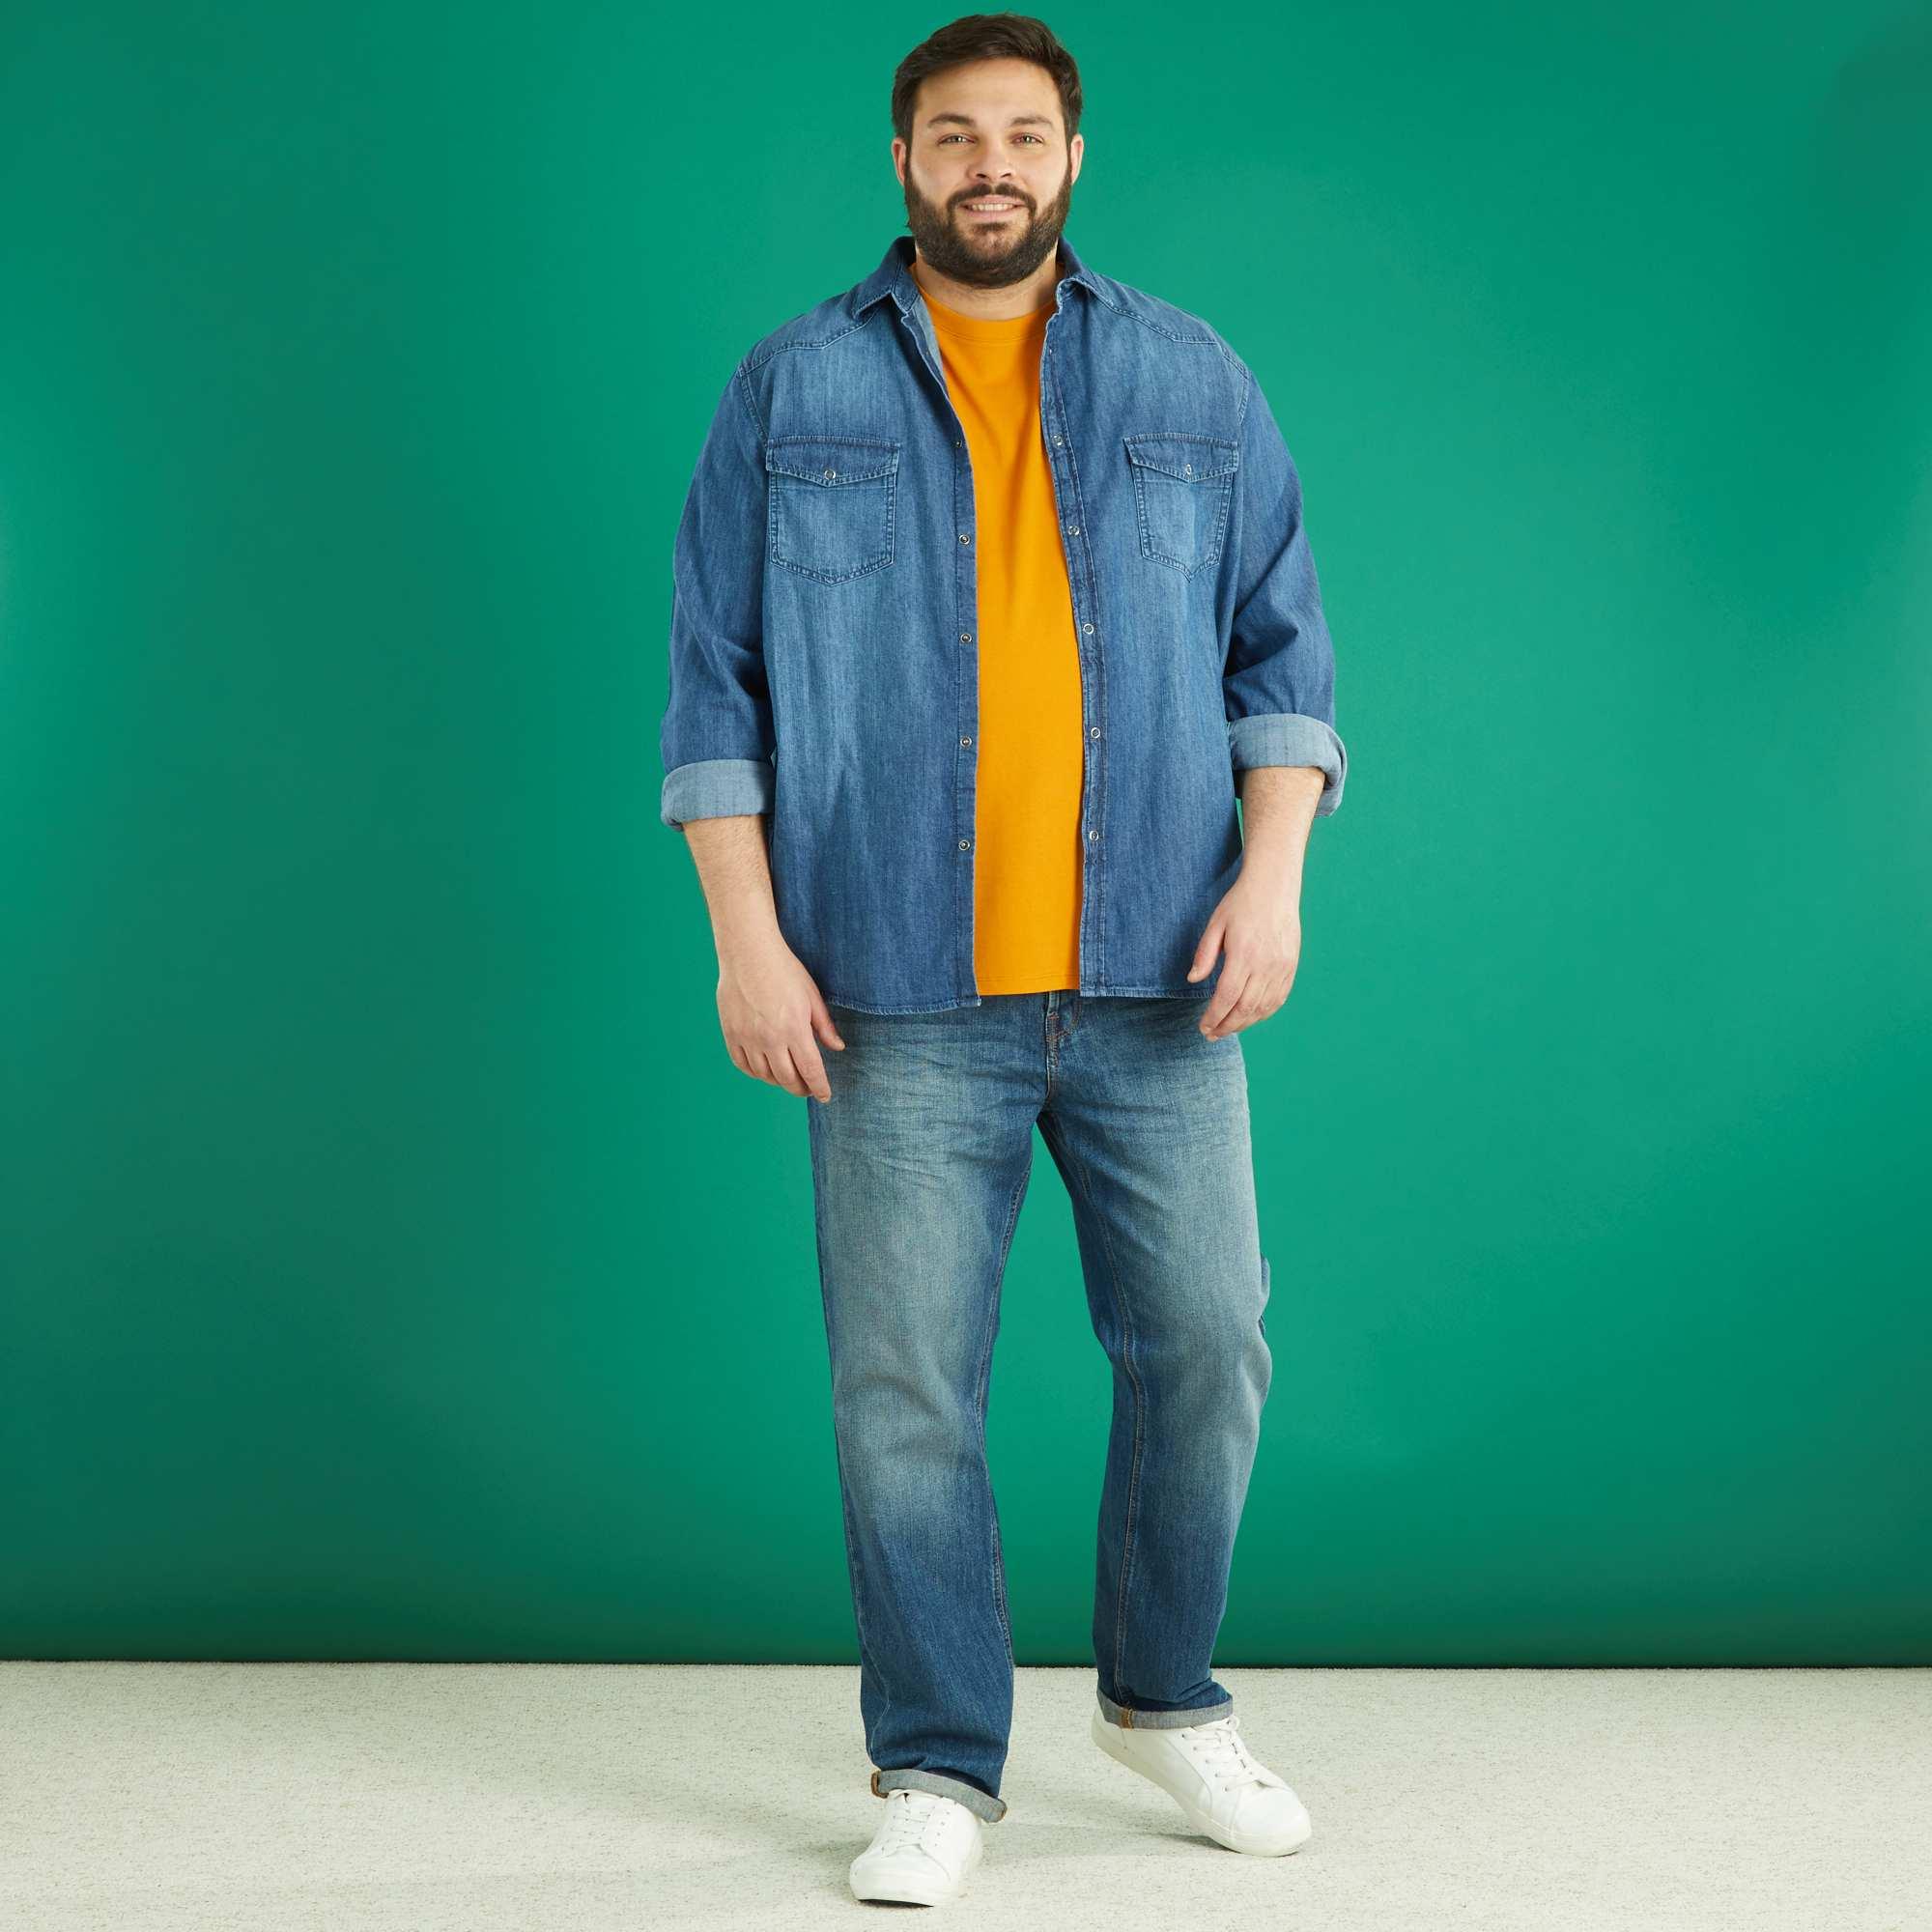 Taglie Bologna Forti Italian Jeans Camicia Uomo Guide sdrChtQx